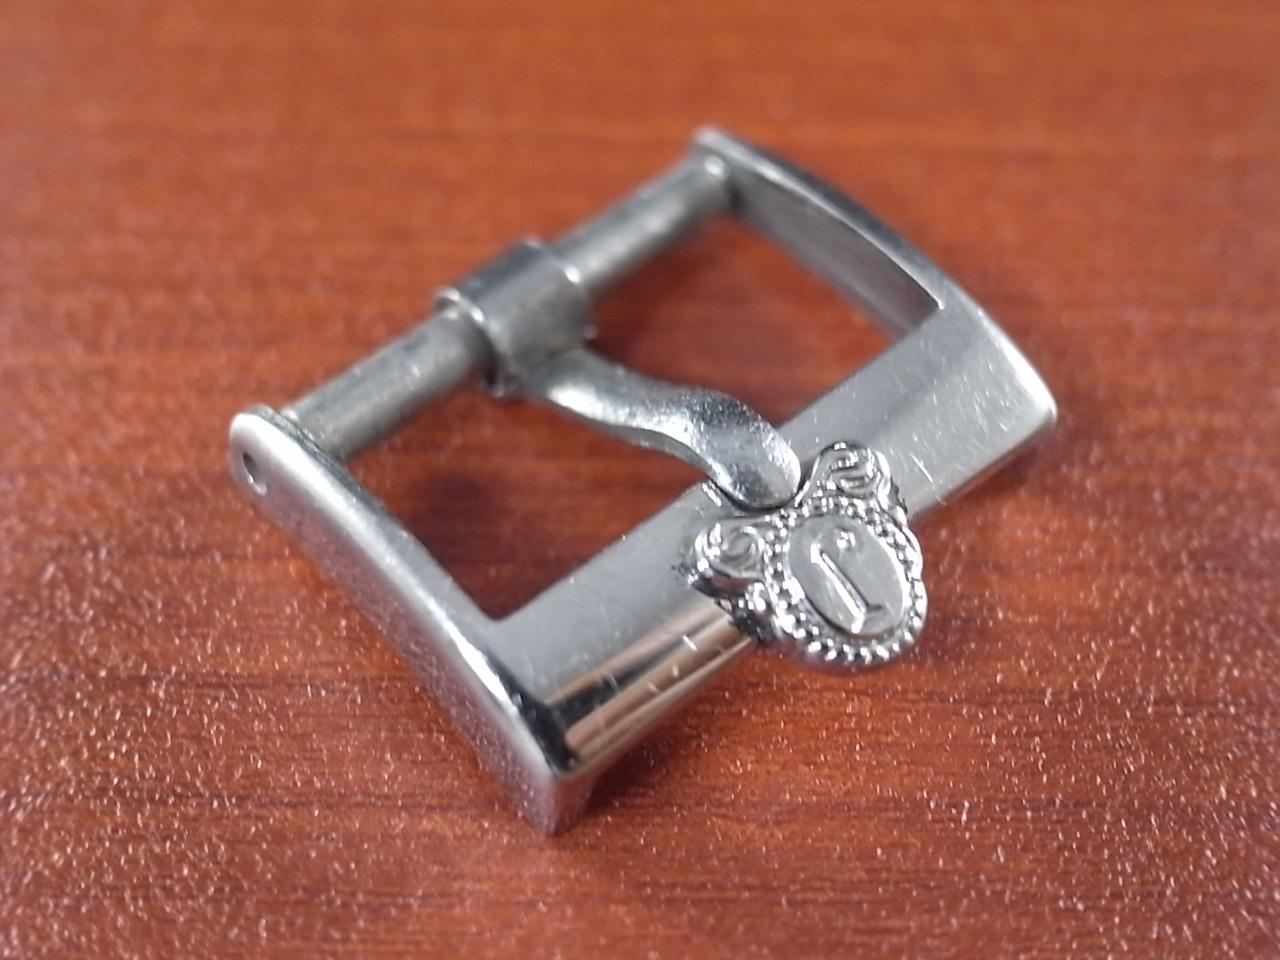 ジュベニア アンティーク尾錠 SS 14mmのメイン写真